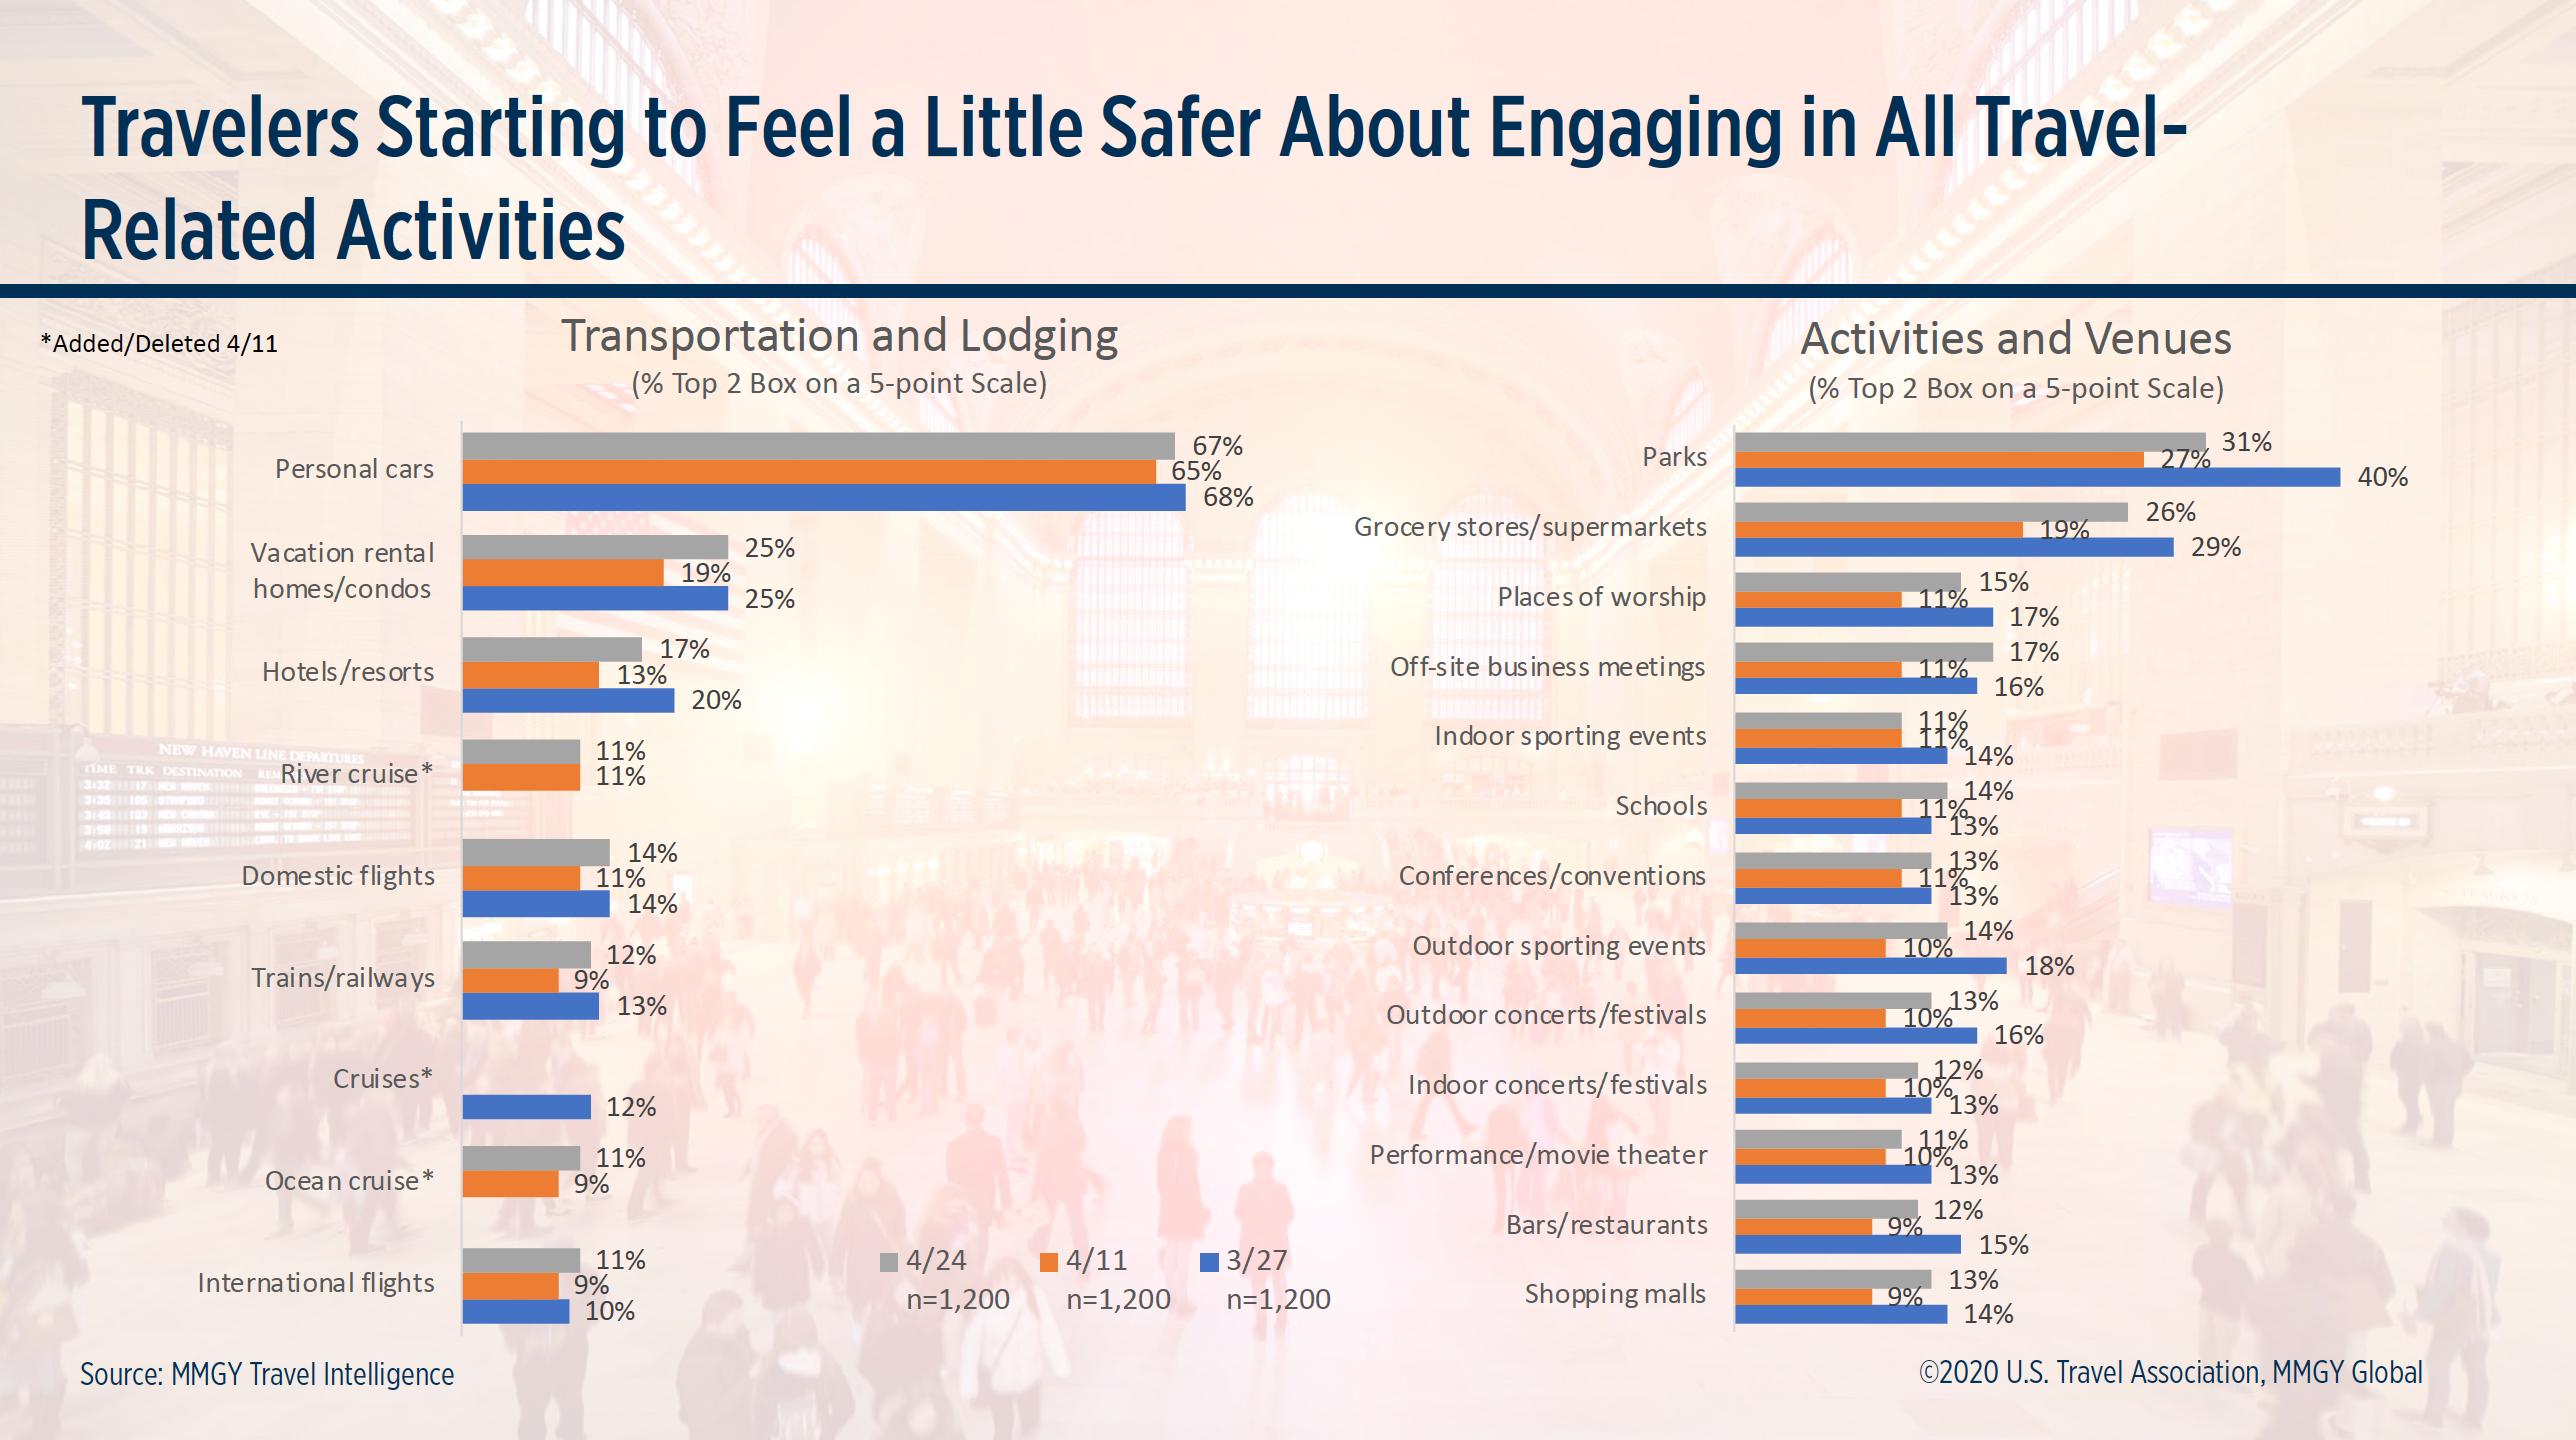 Travelers Starting to Feel Safer